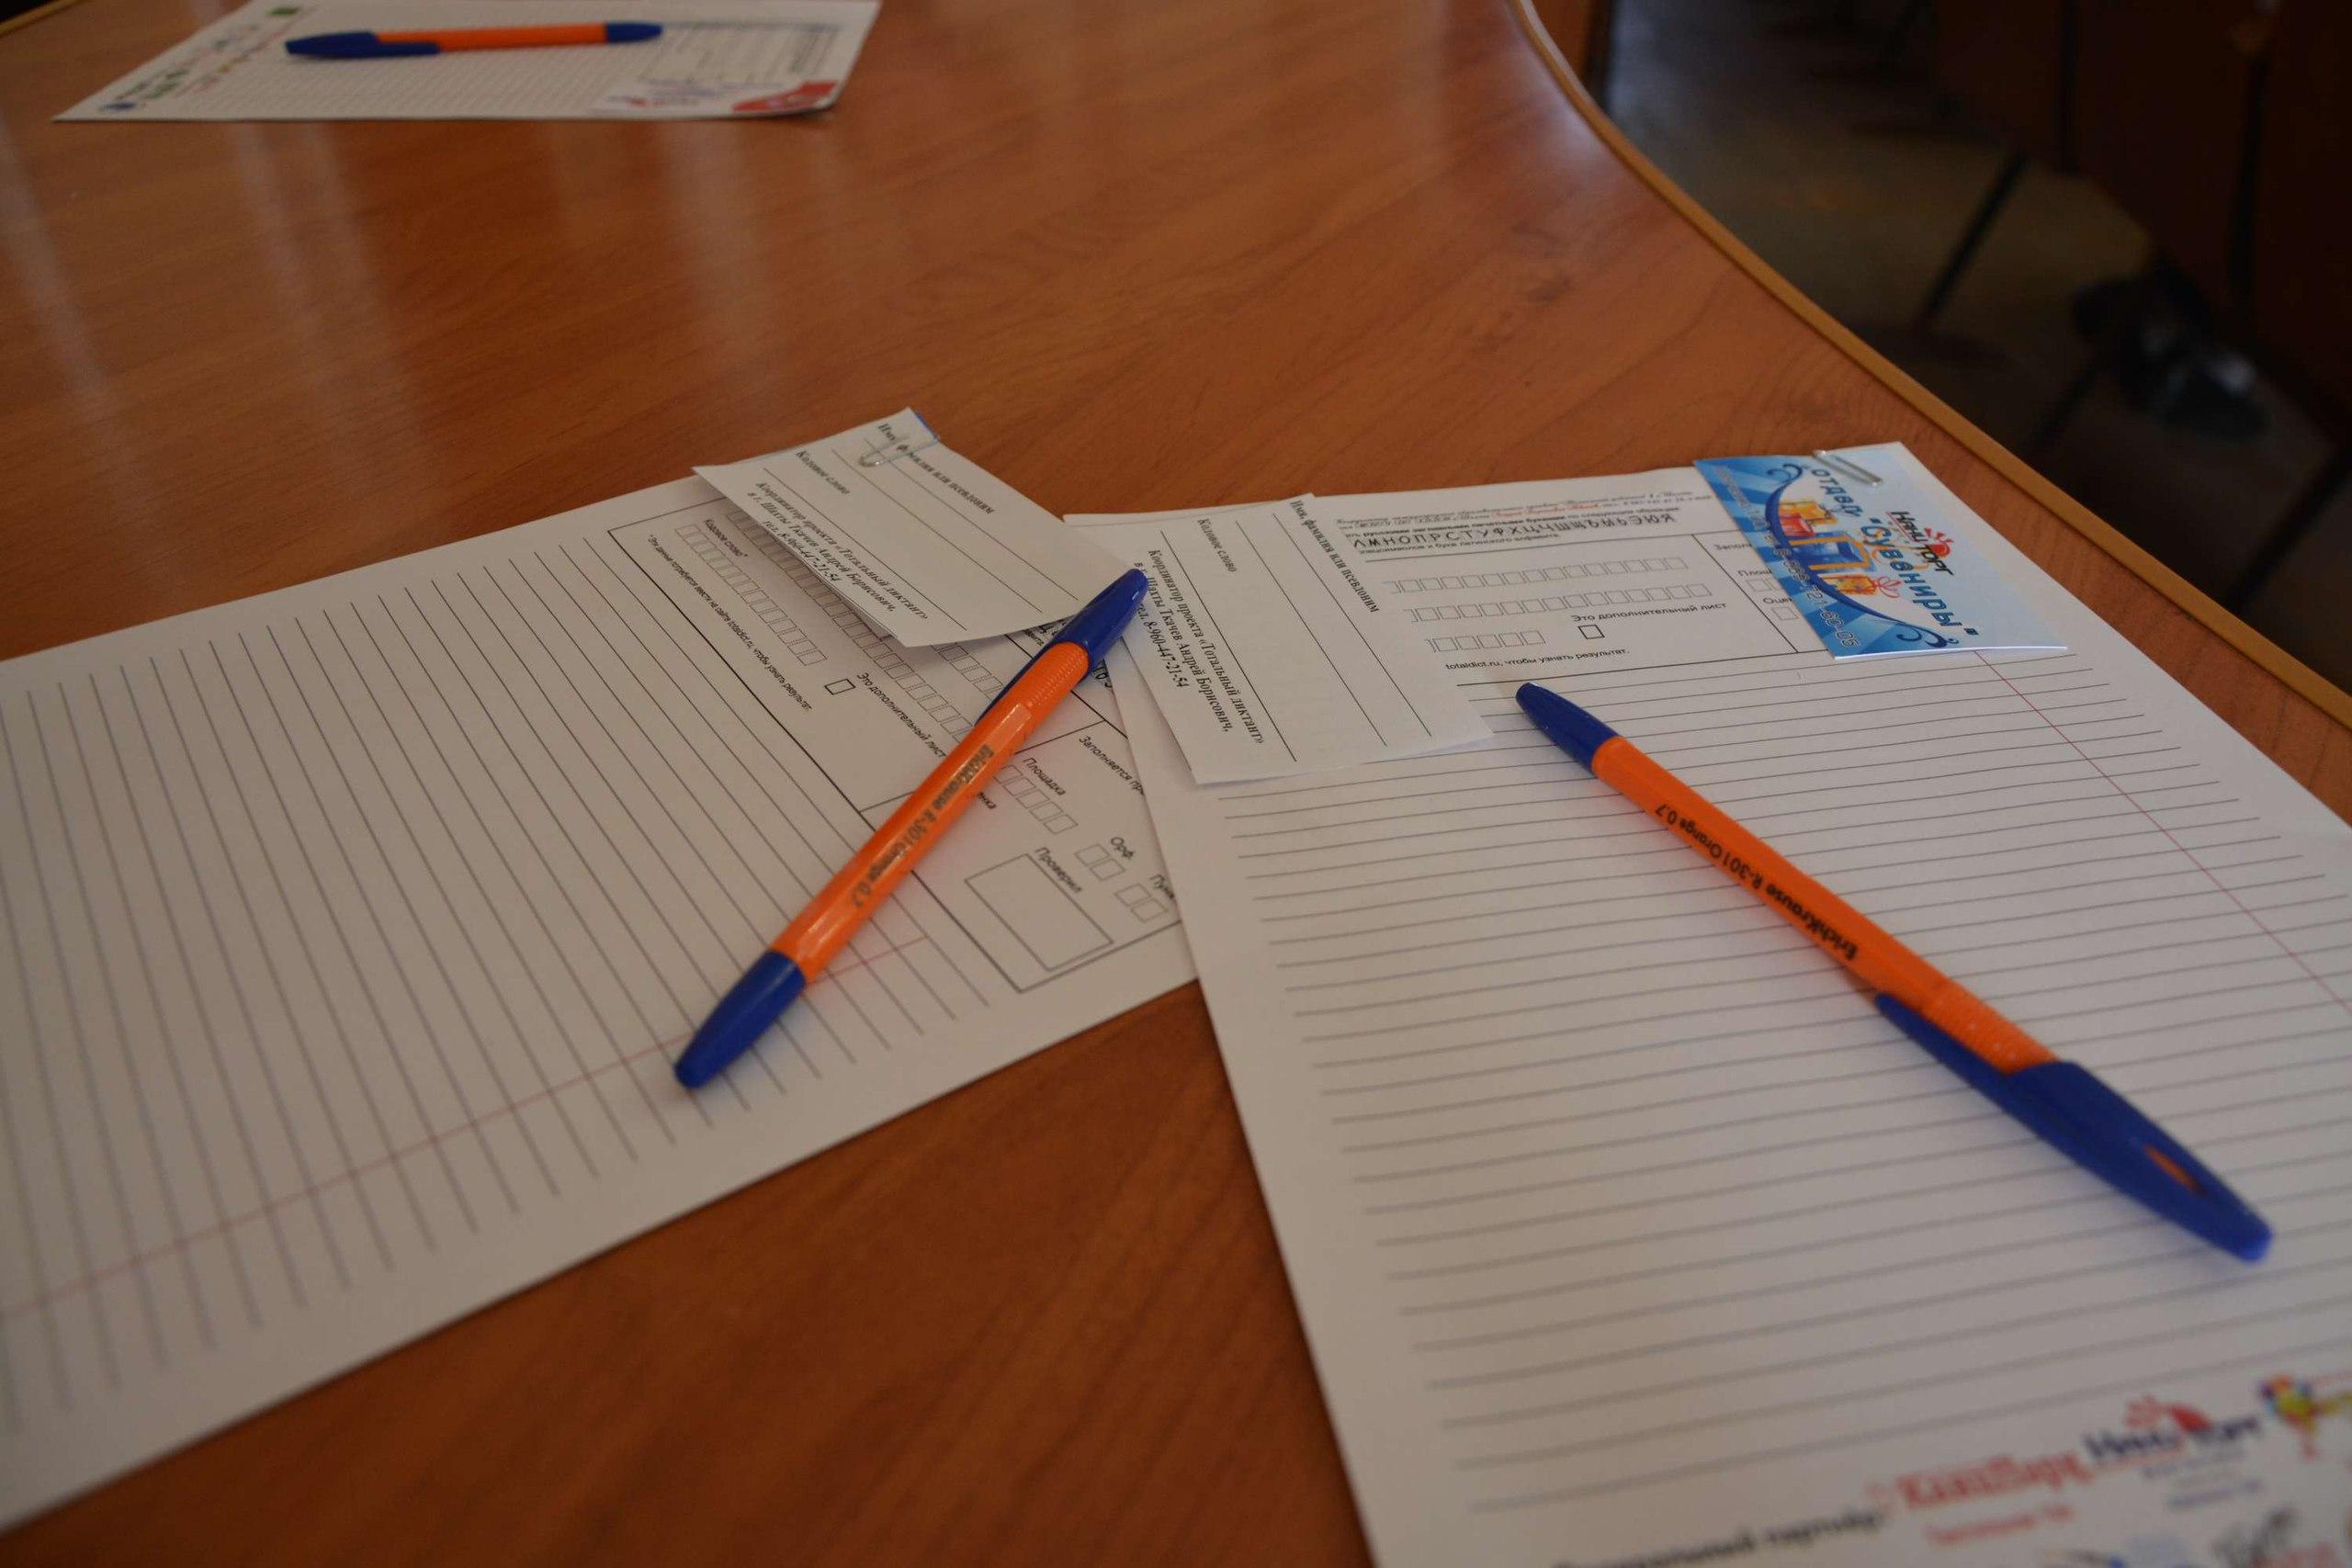 Проверить свою грамотность жители Москворечья-Сабурова смогут в библиотеке №167 во время «Тотального диктанта»